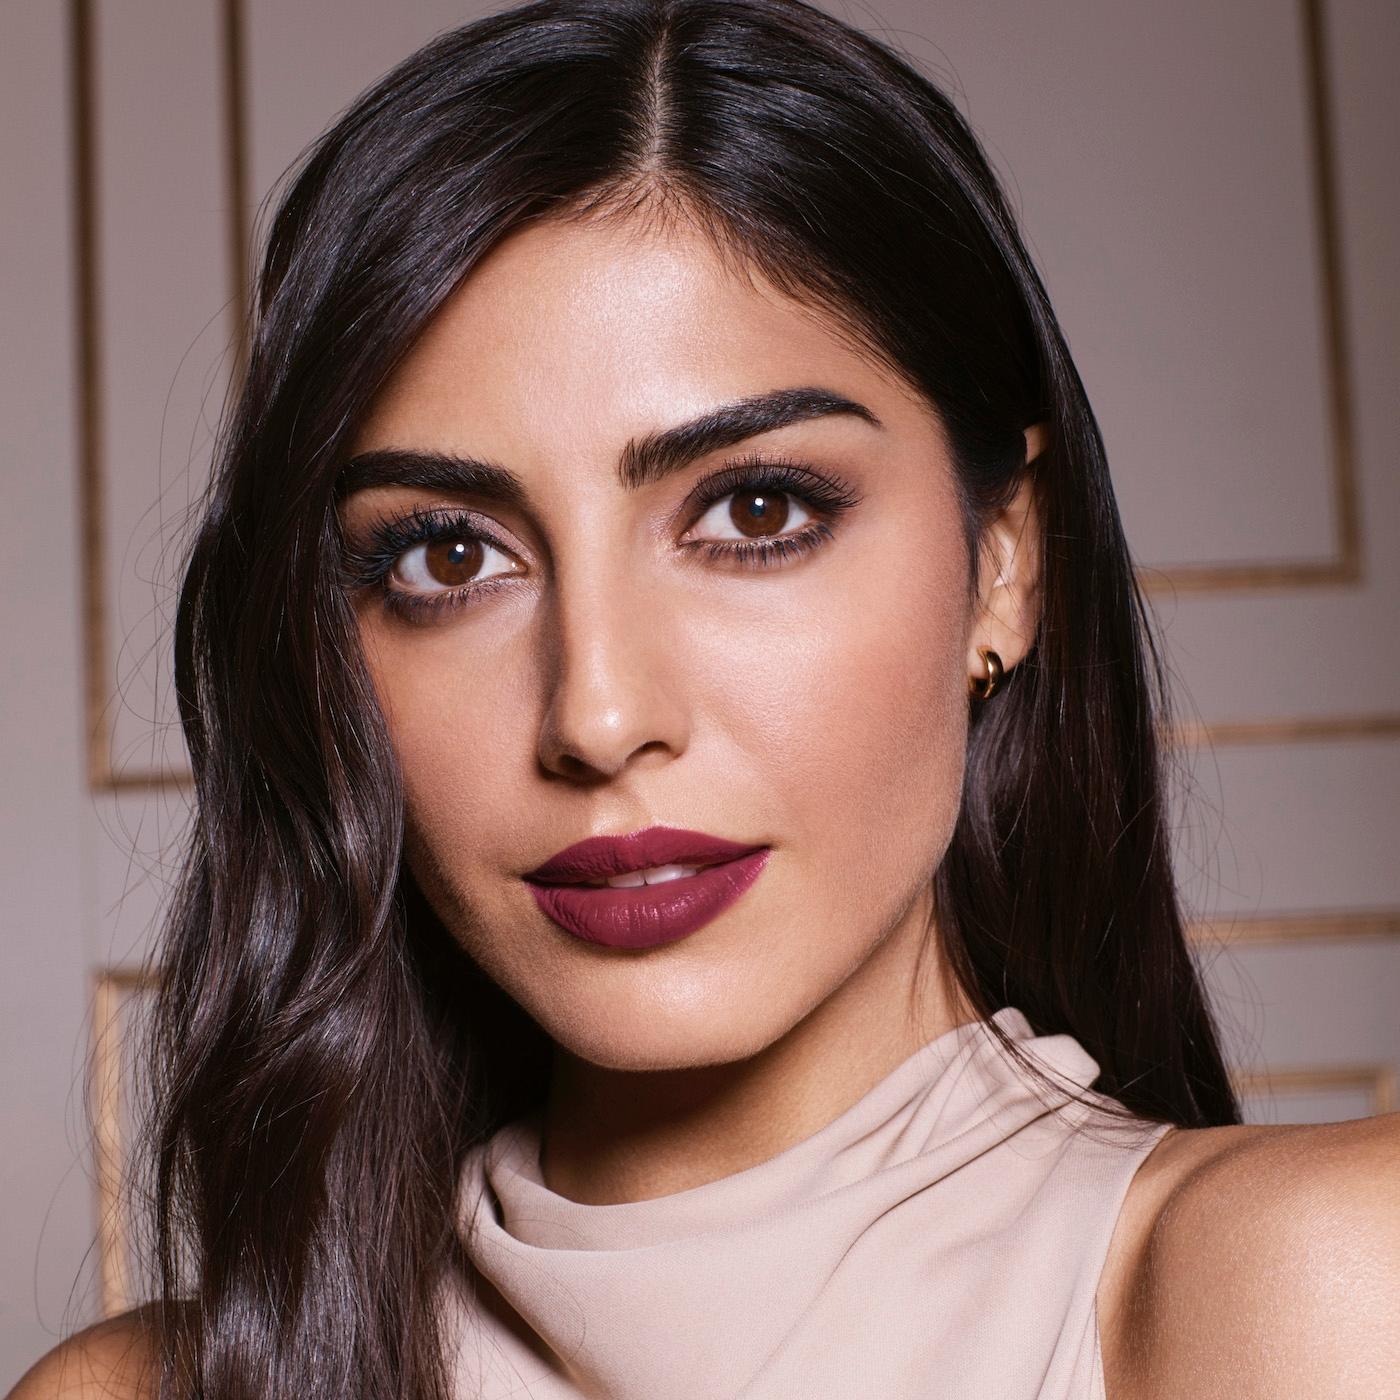 Welcher braune augen lippenstift braune haare Lippenstift passend